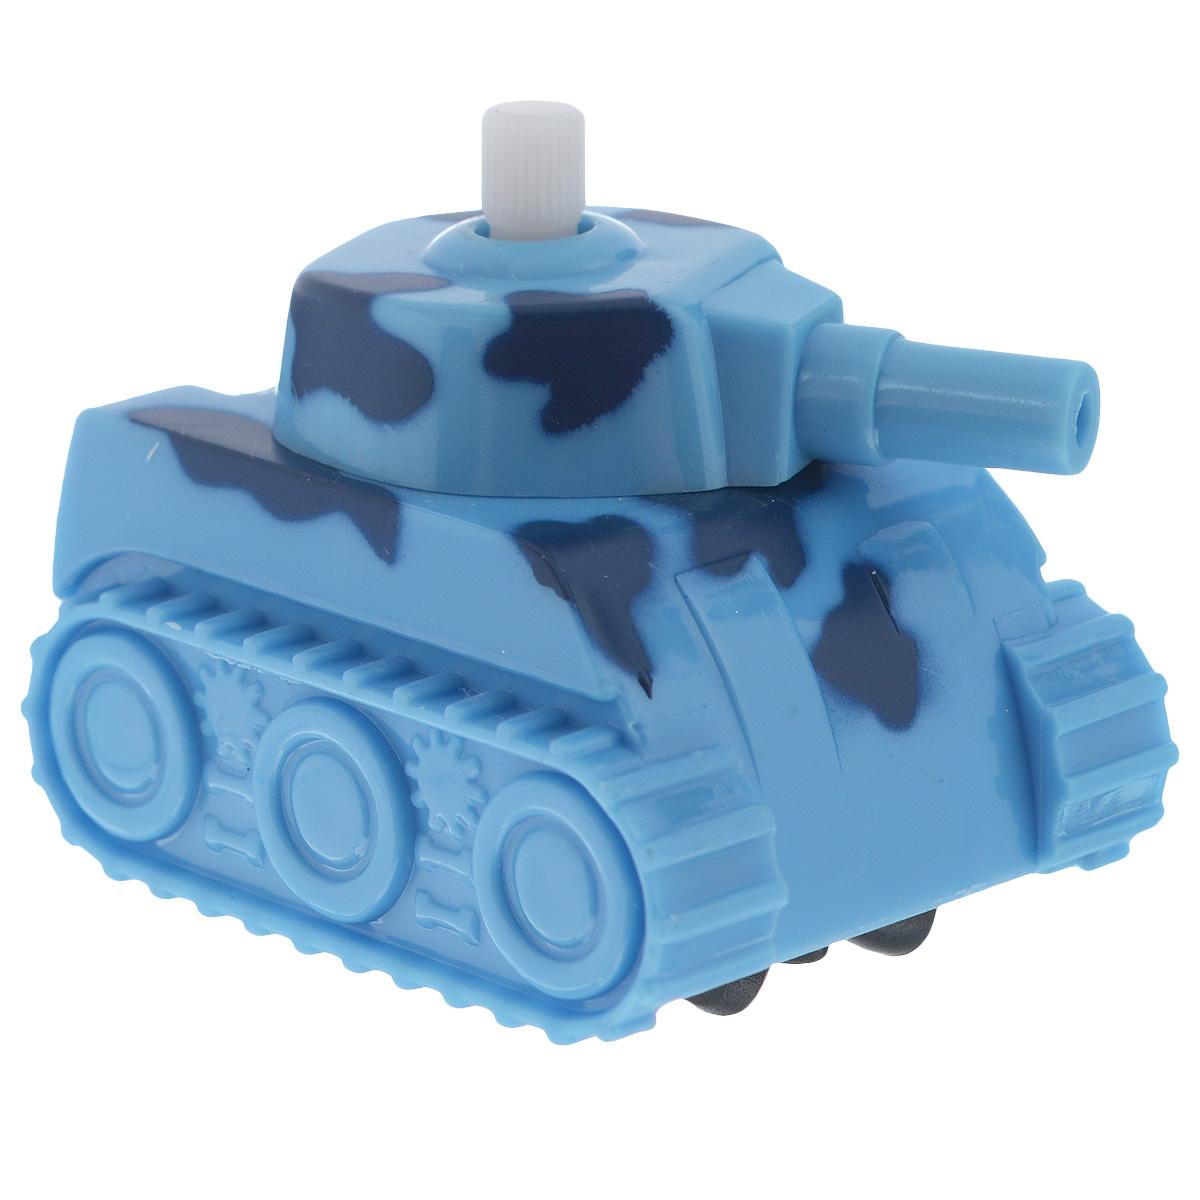 Игрушка заводная Танчик, цвет: голубой игрушка